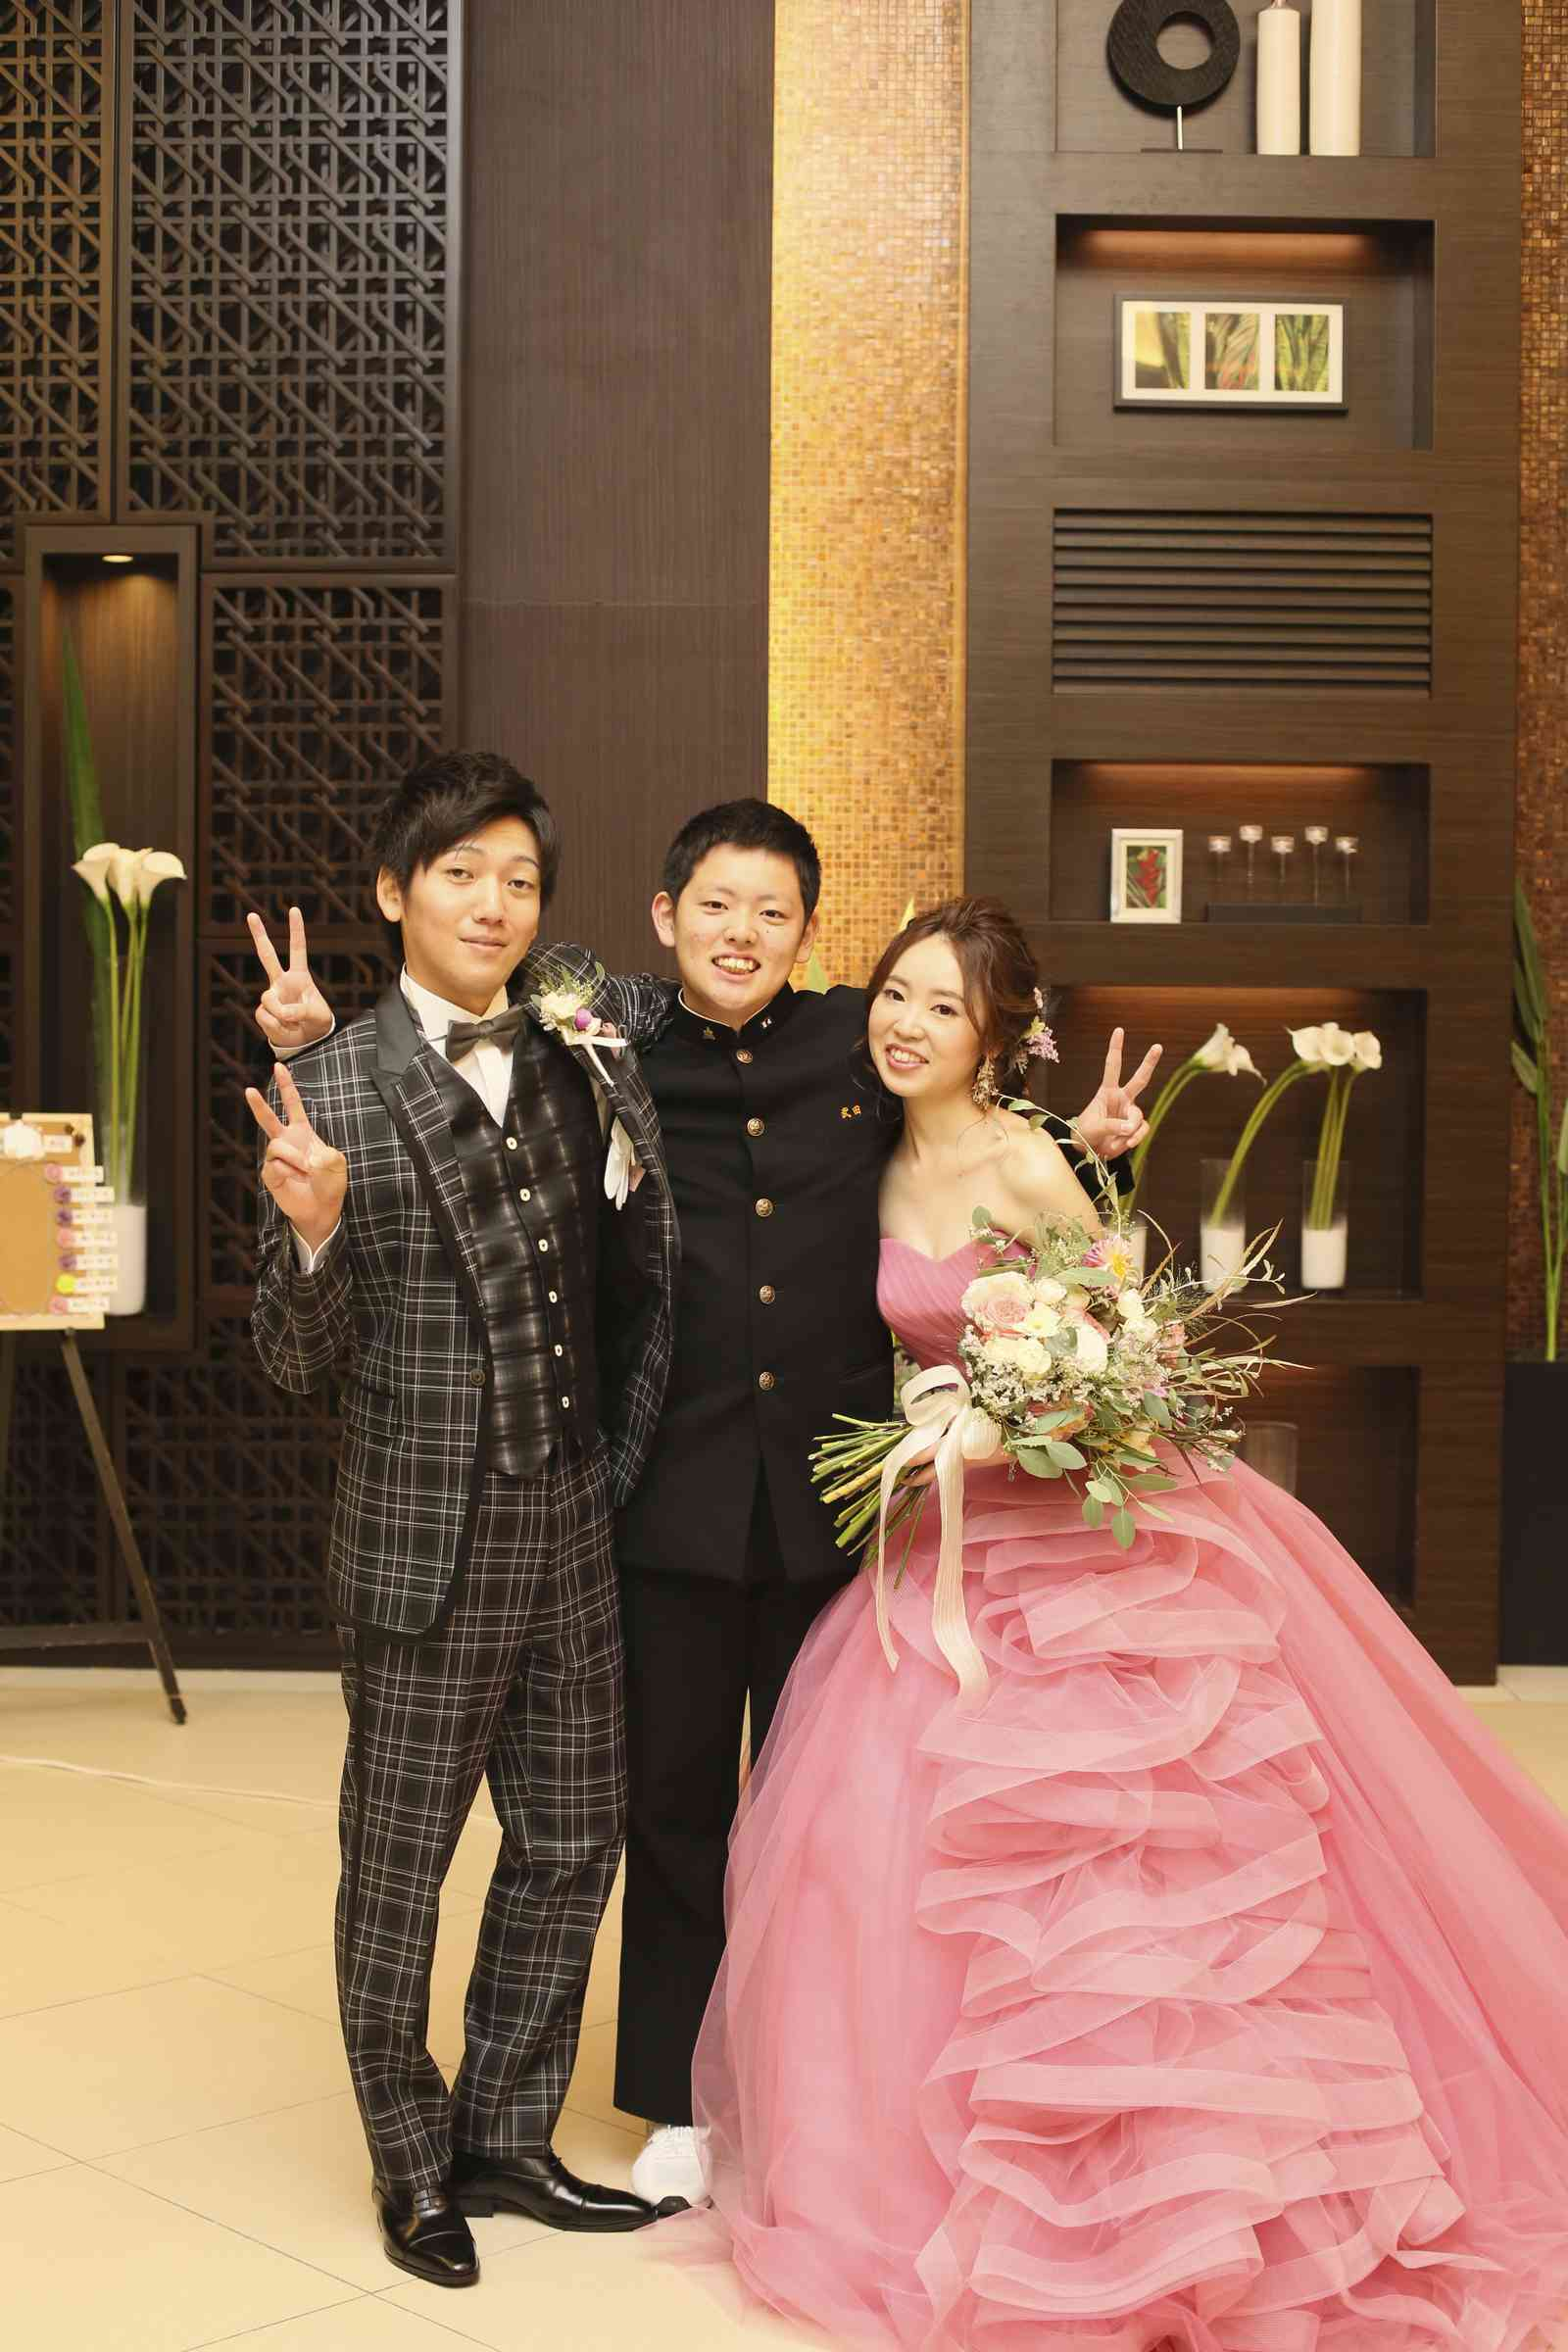 徳島県の結婚式場ブランアンジュでゲストを記念写真をとる新郎新婦